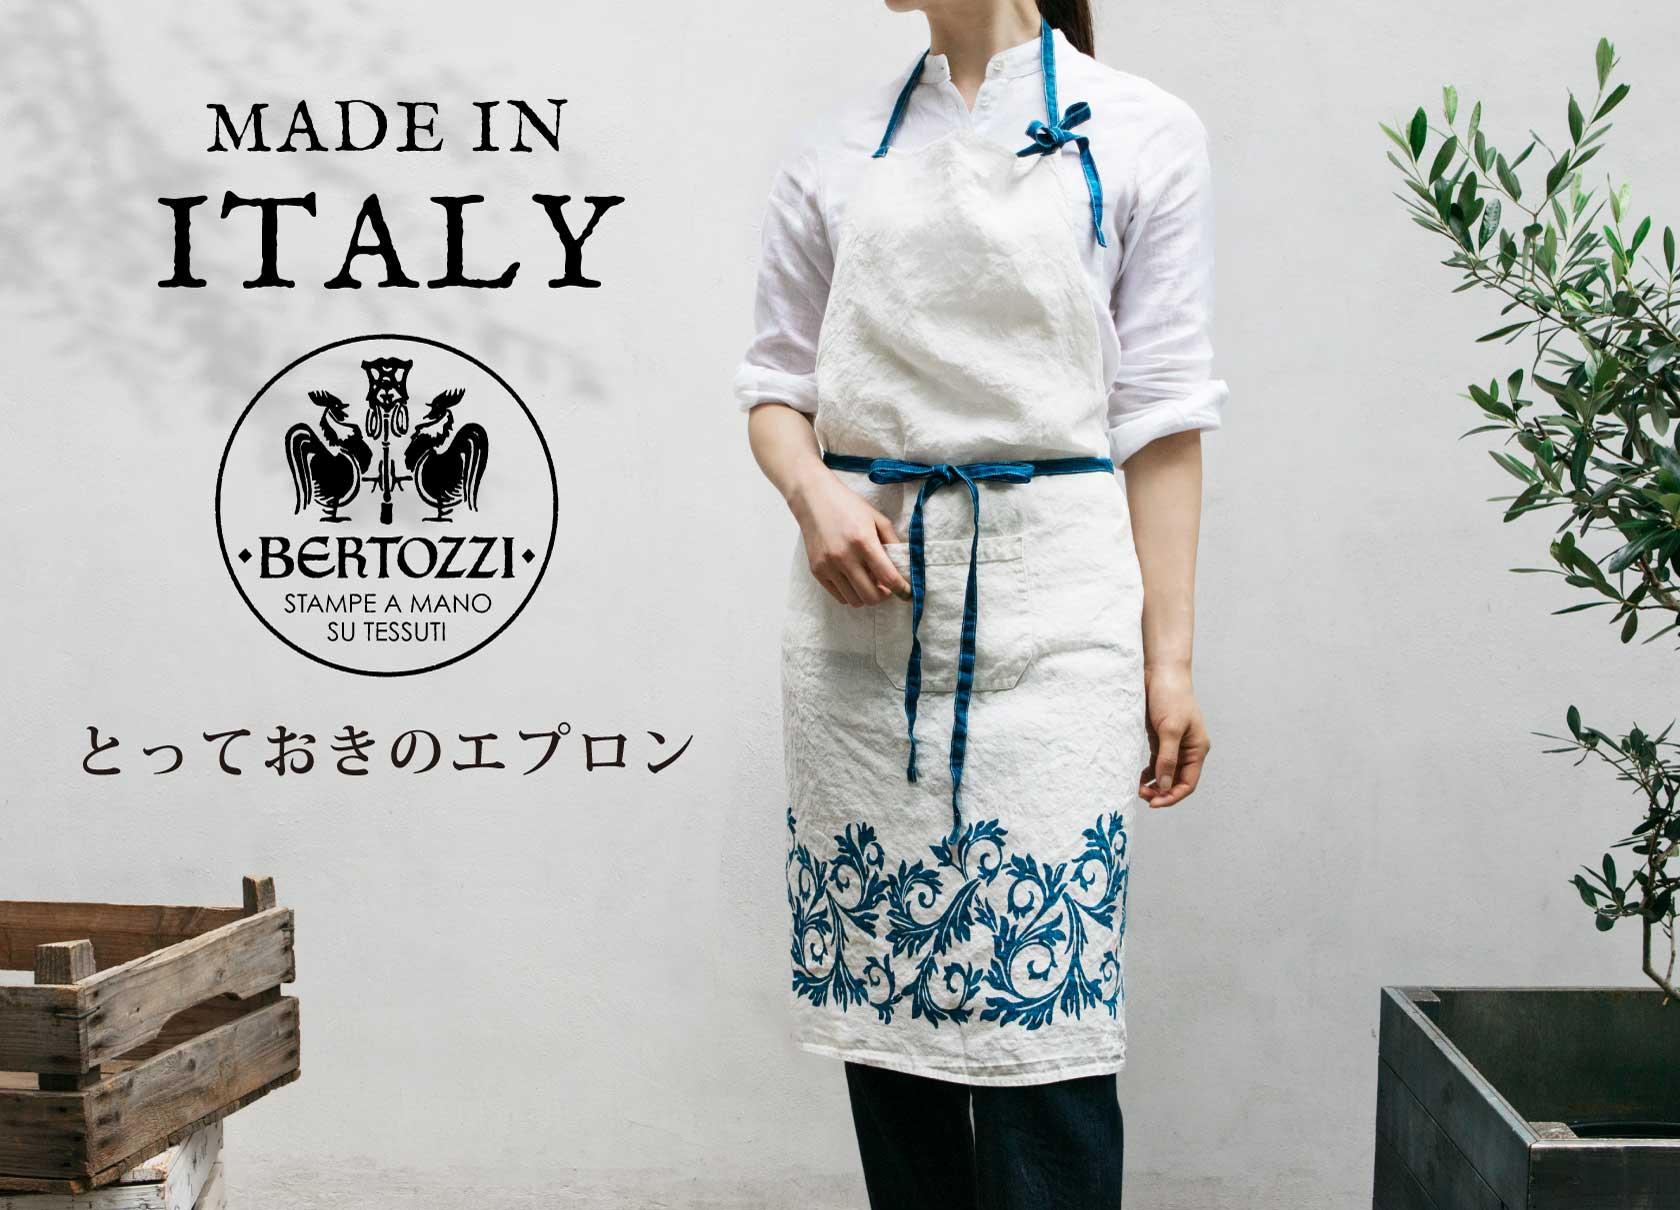 Bertozzi - made in Italy - とっておきのエプロン